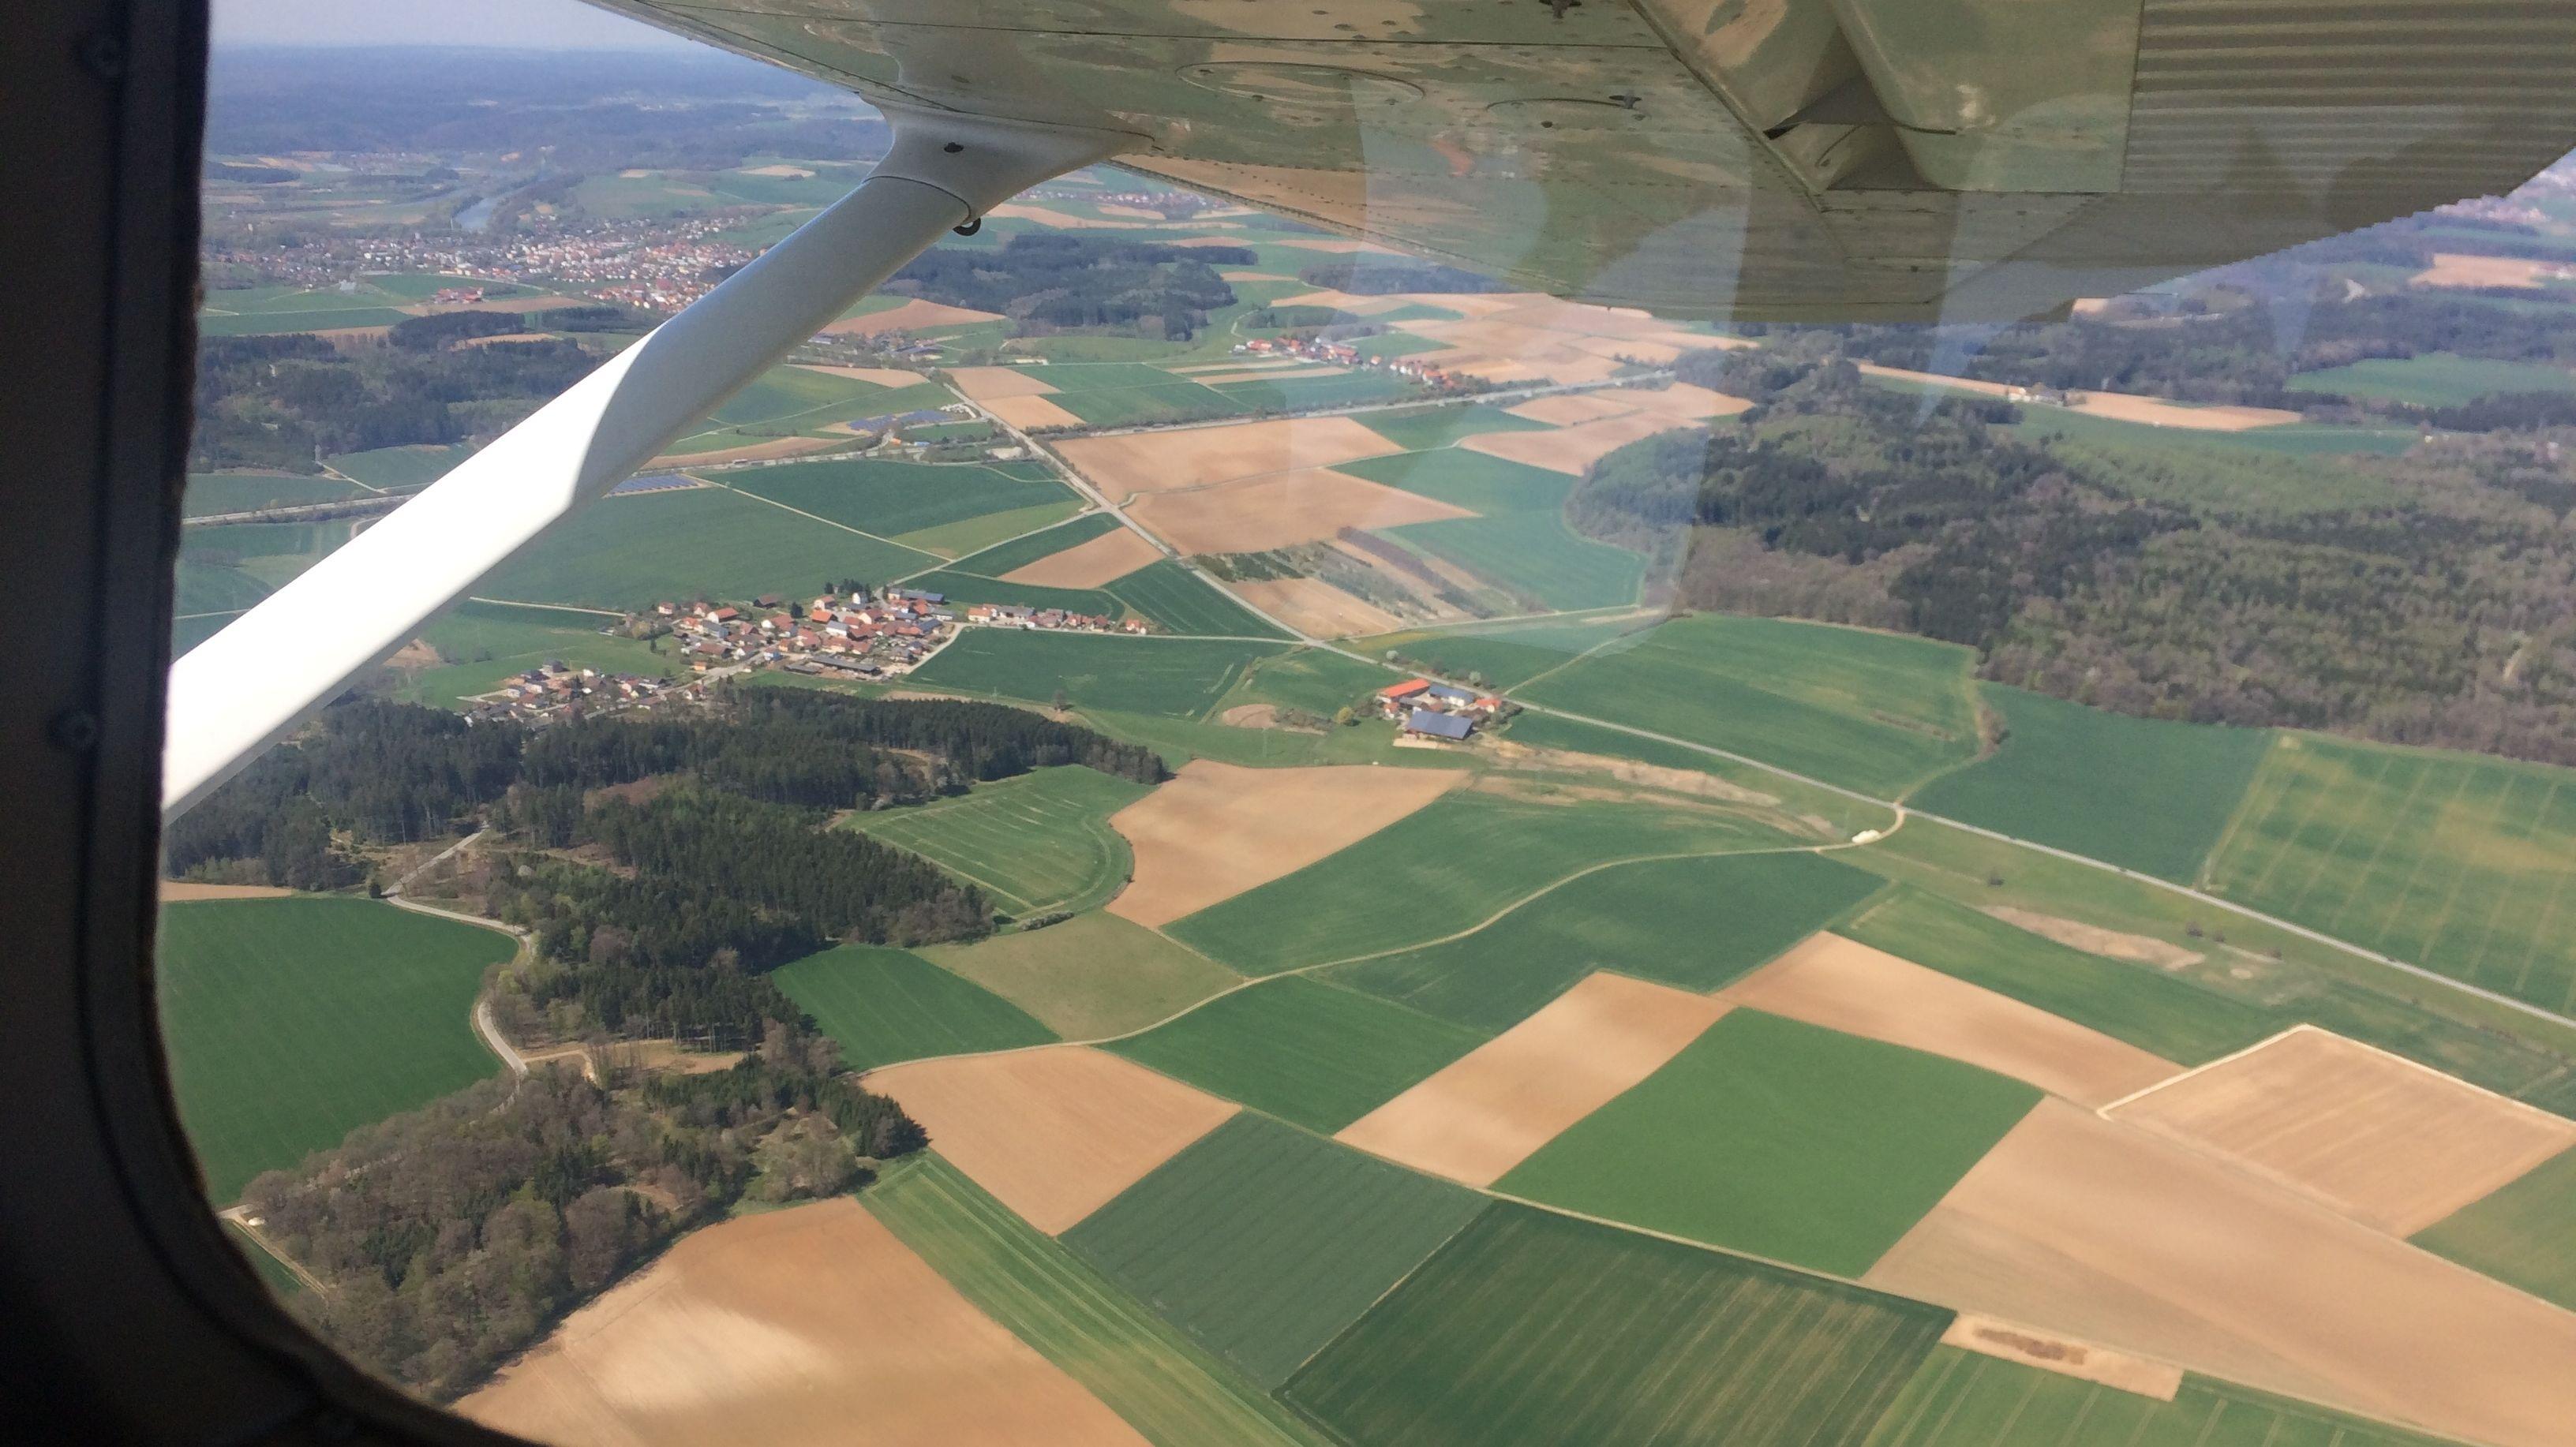 Waldbrandbeobachtung vom Flugzeug aus